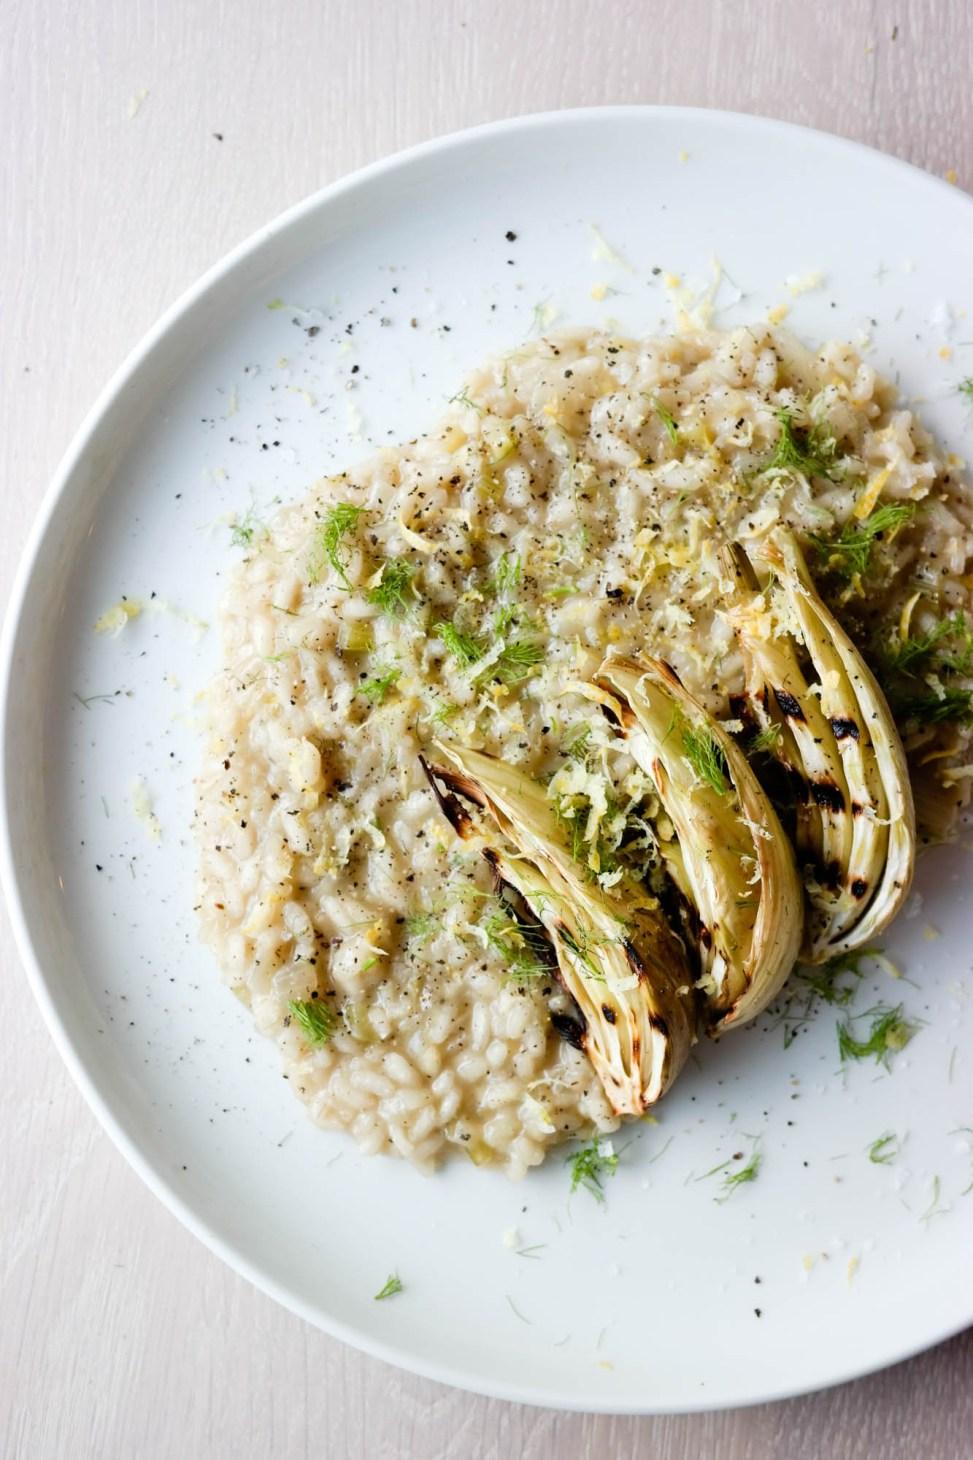 Vegansk fennikel- og sitronrisotto er lettere, syrligere og friskere enn de fleste andre risottoer!